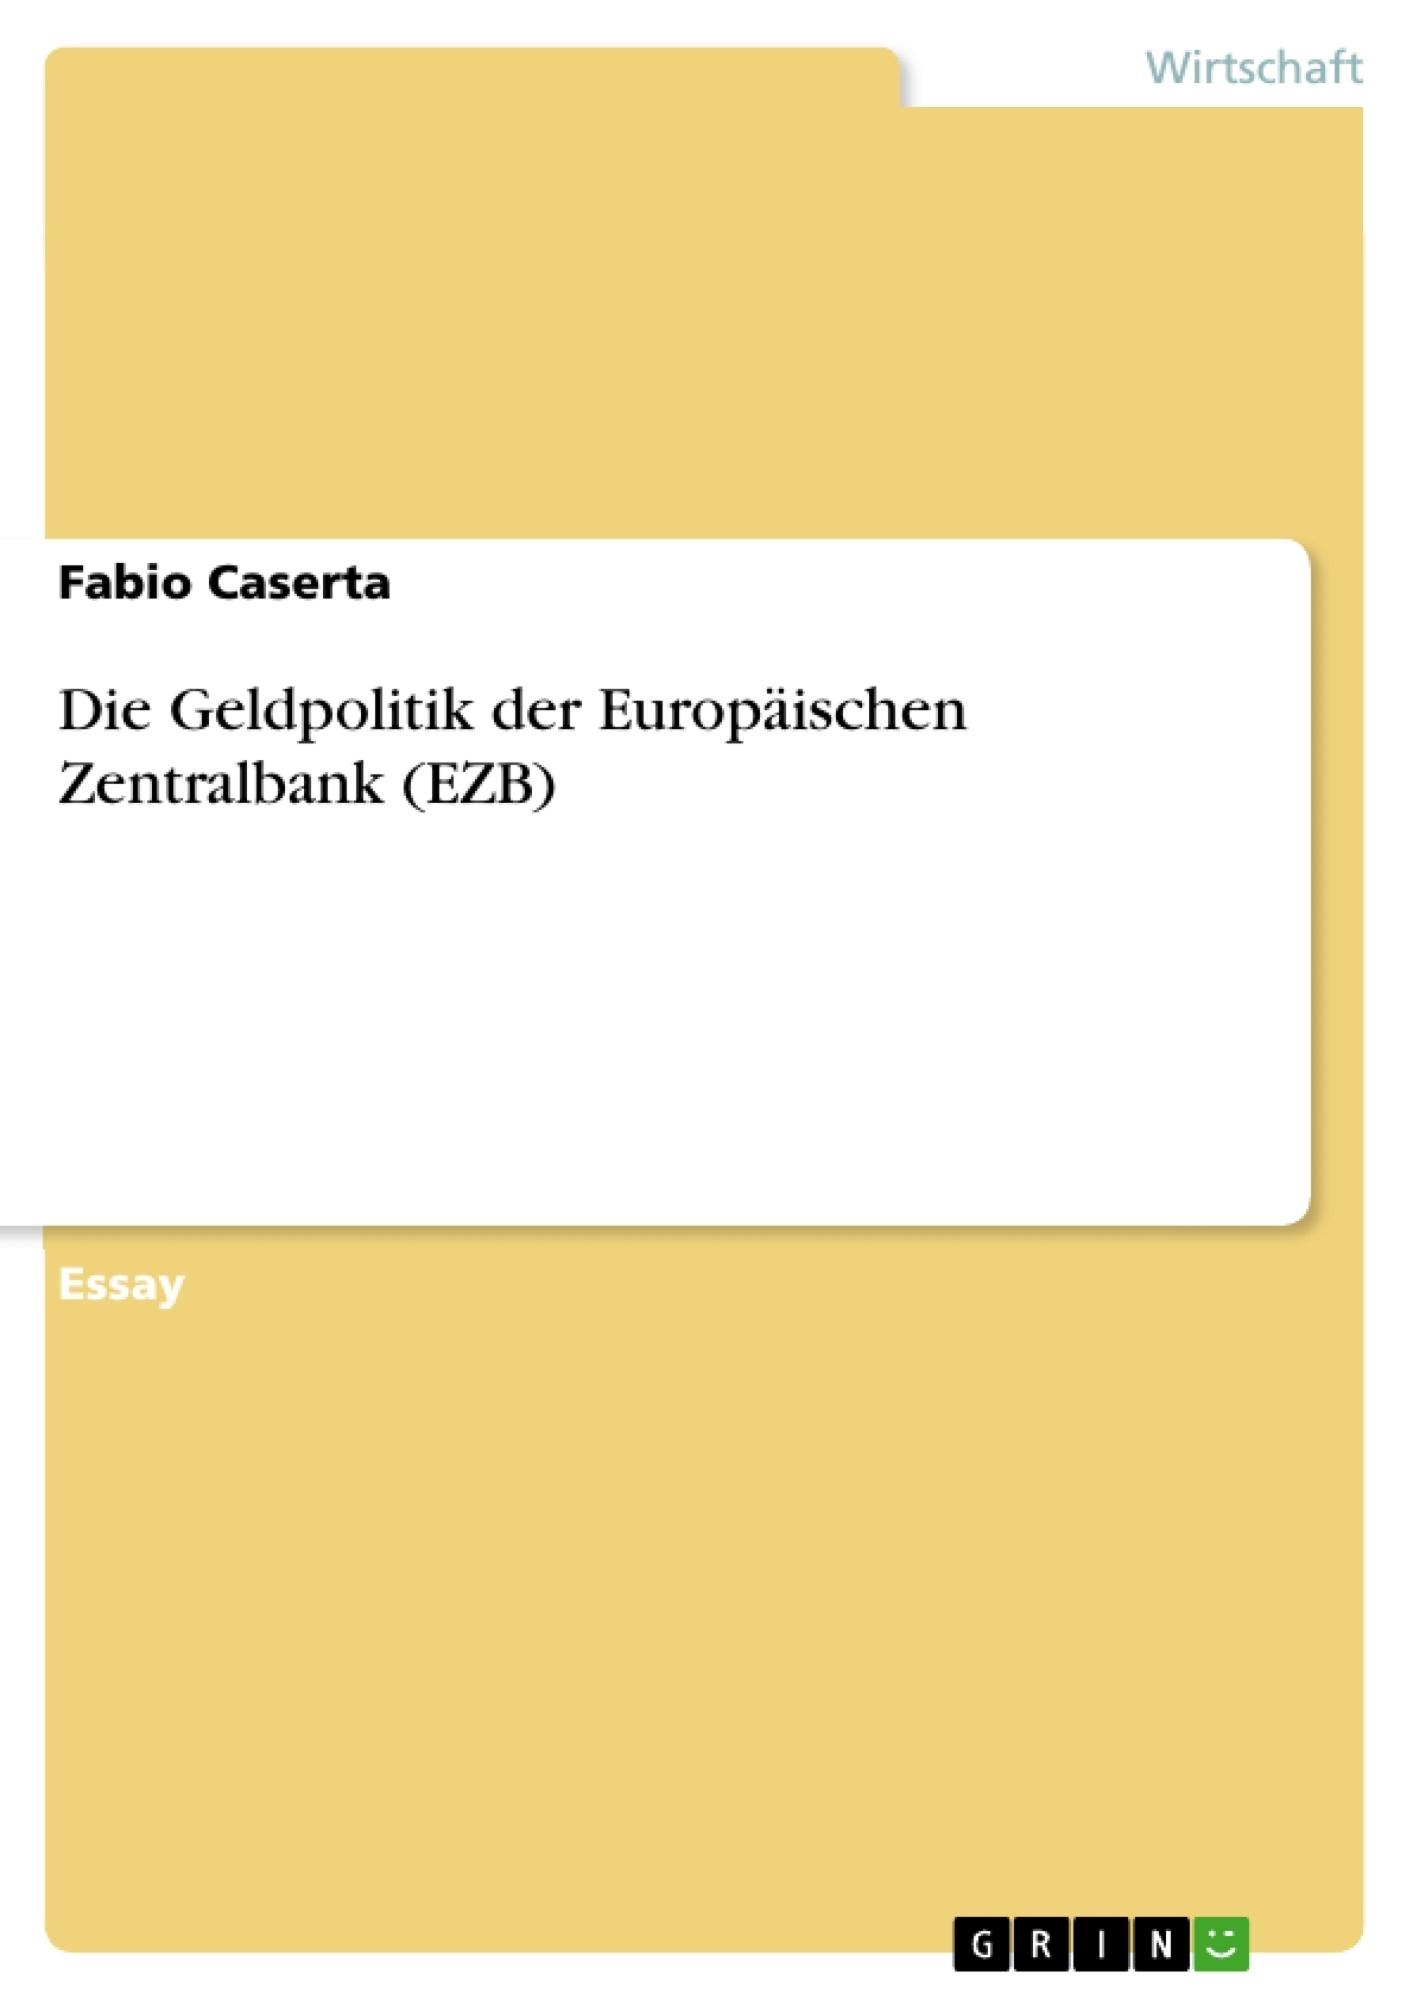 Titel: Die Geldpolitik der Europäischen Zentralbank (EZB)